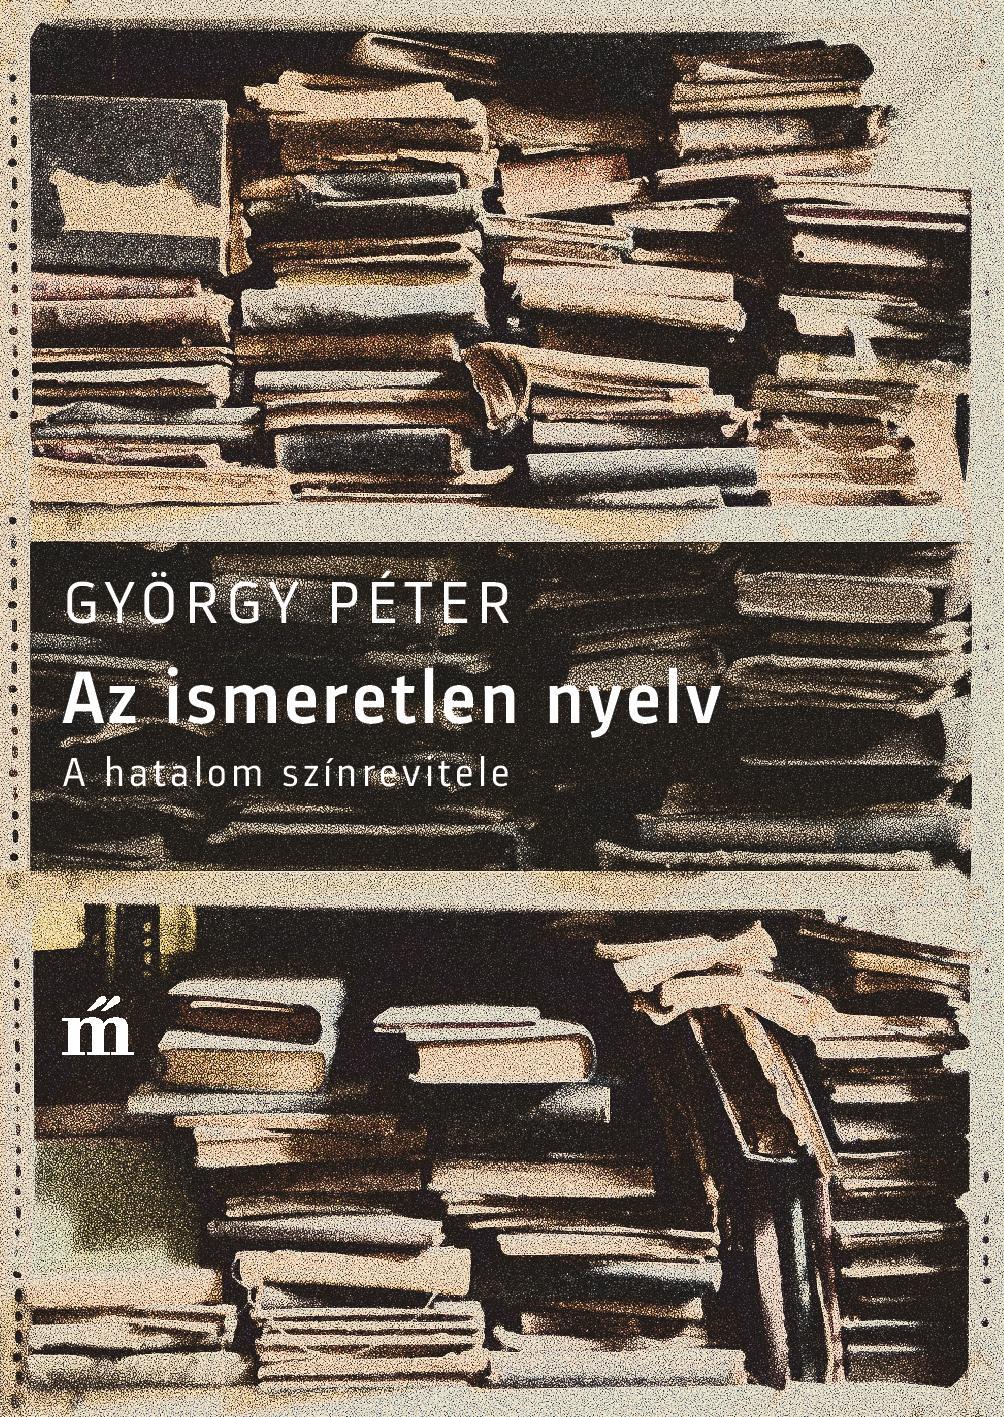 gyorgy_peter_azismeretlennyelv-page-001